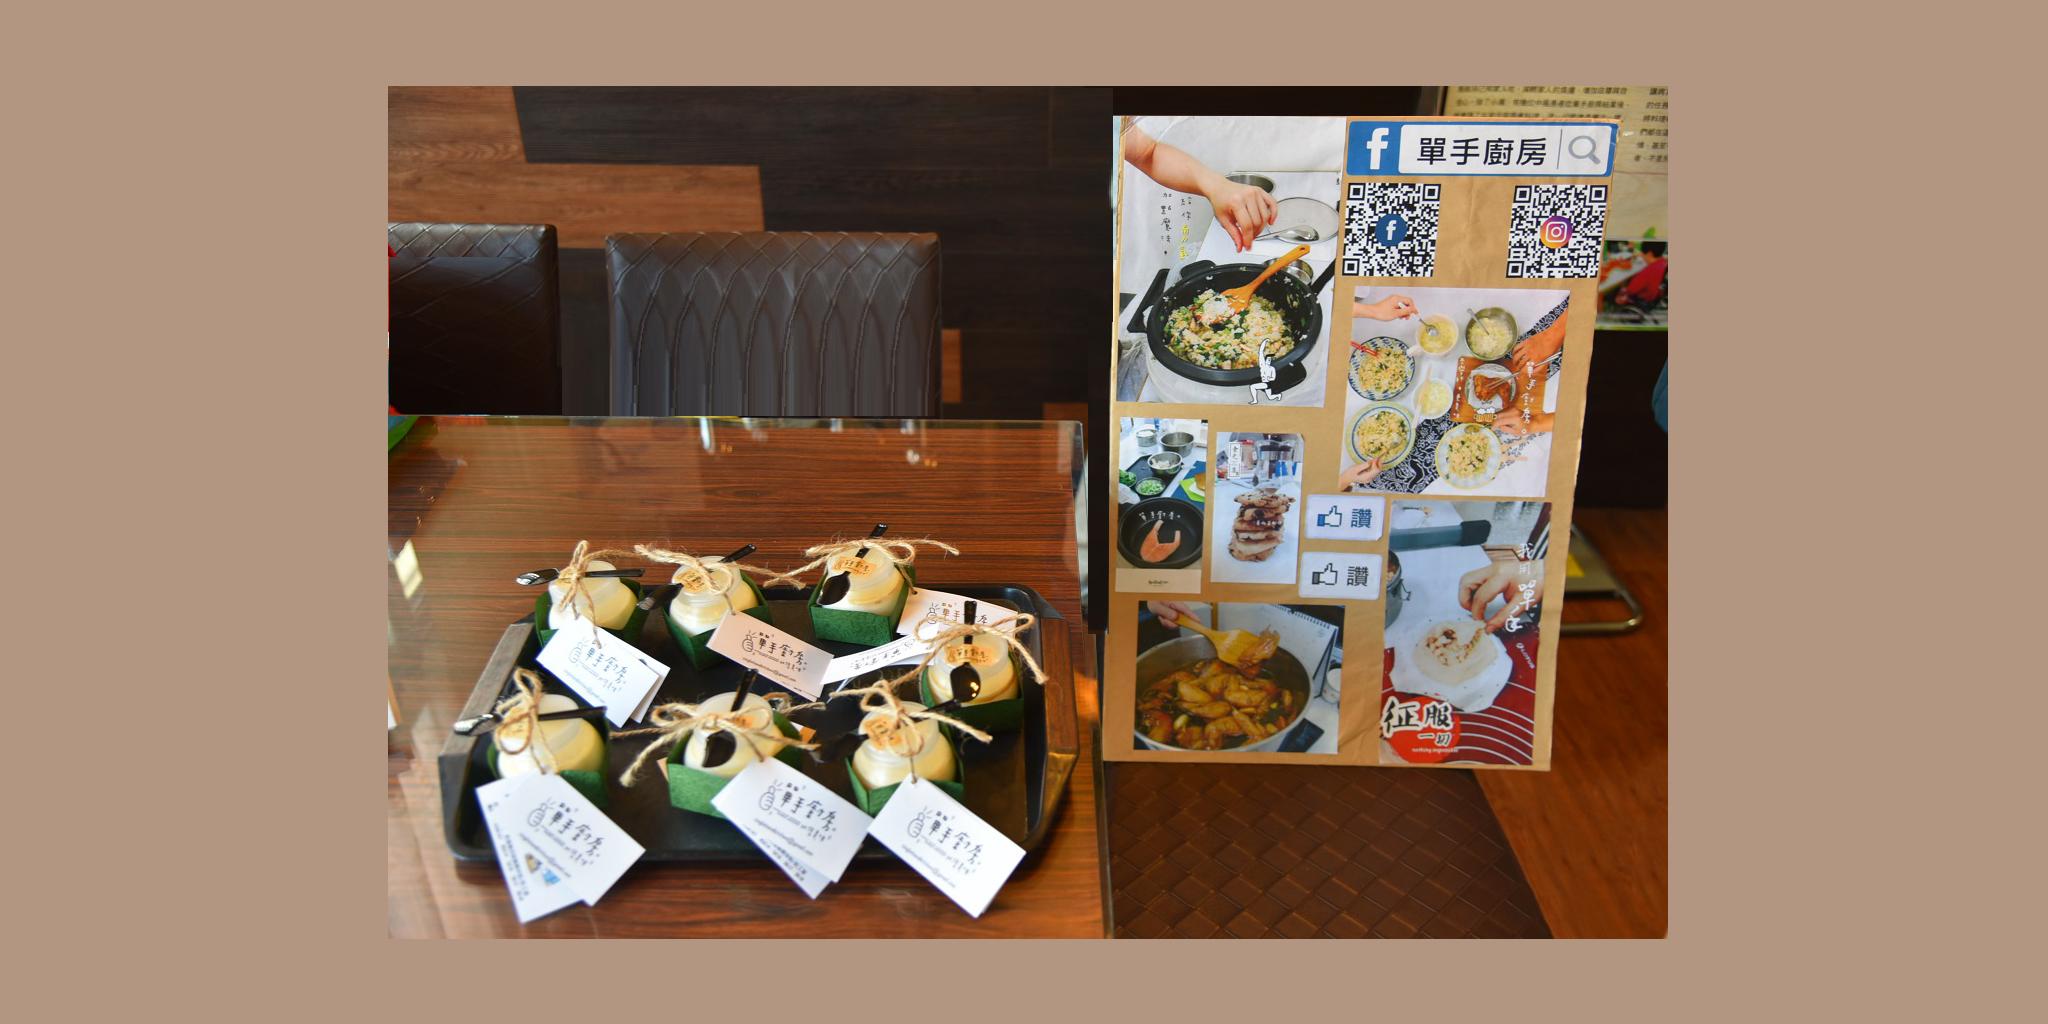 單手廚房夥伴能製作出美味點心及料。(雲林縣政府提供)。